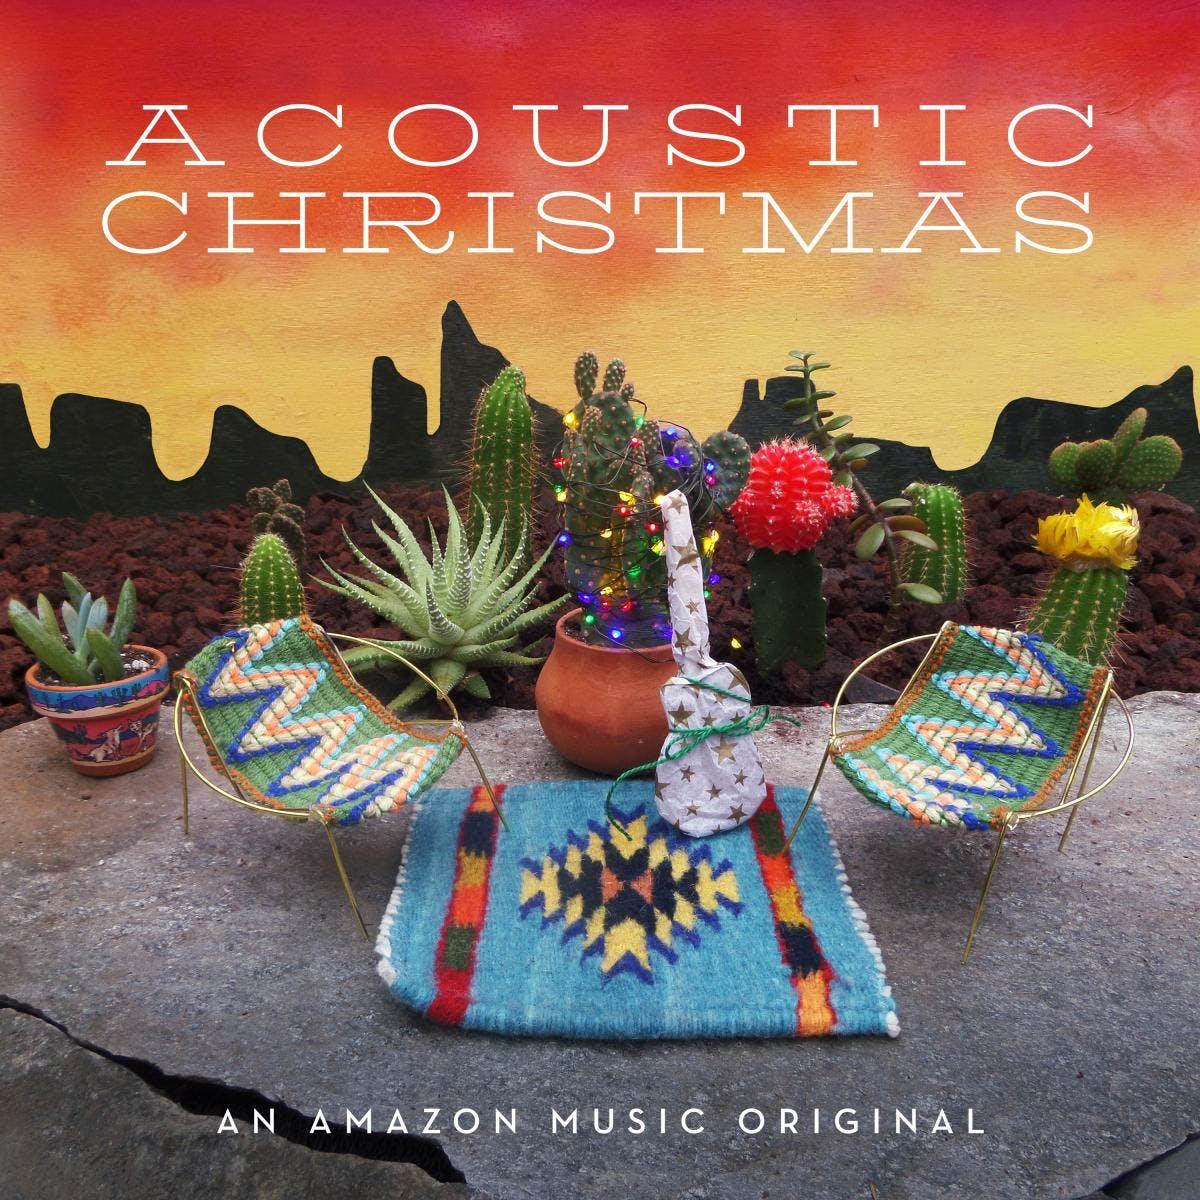 acousticchristmas_3000x3000-final